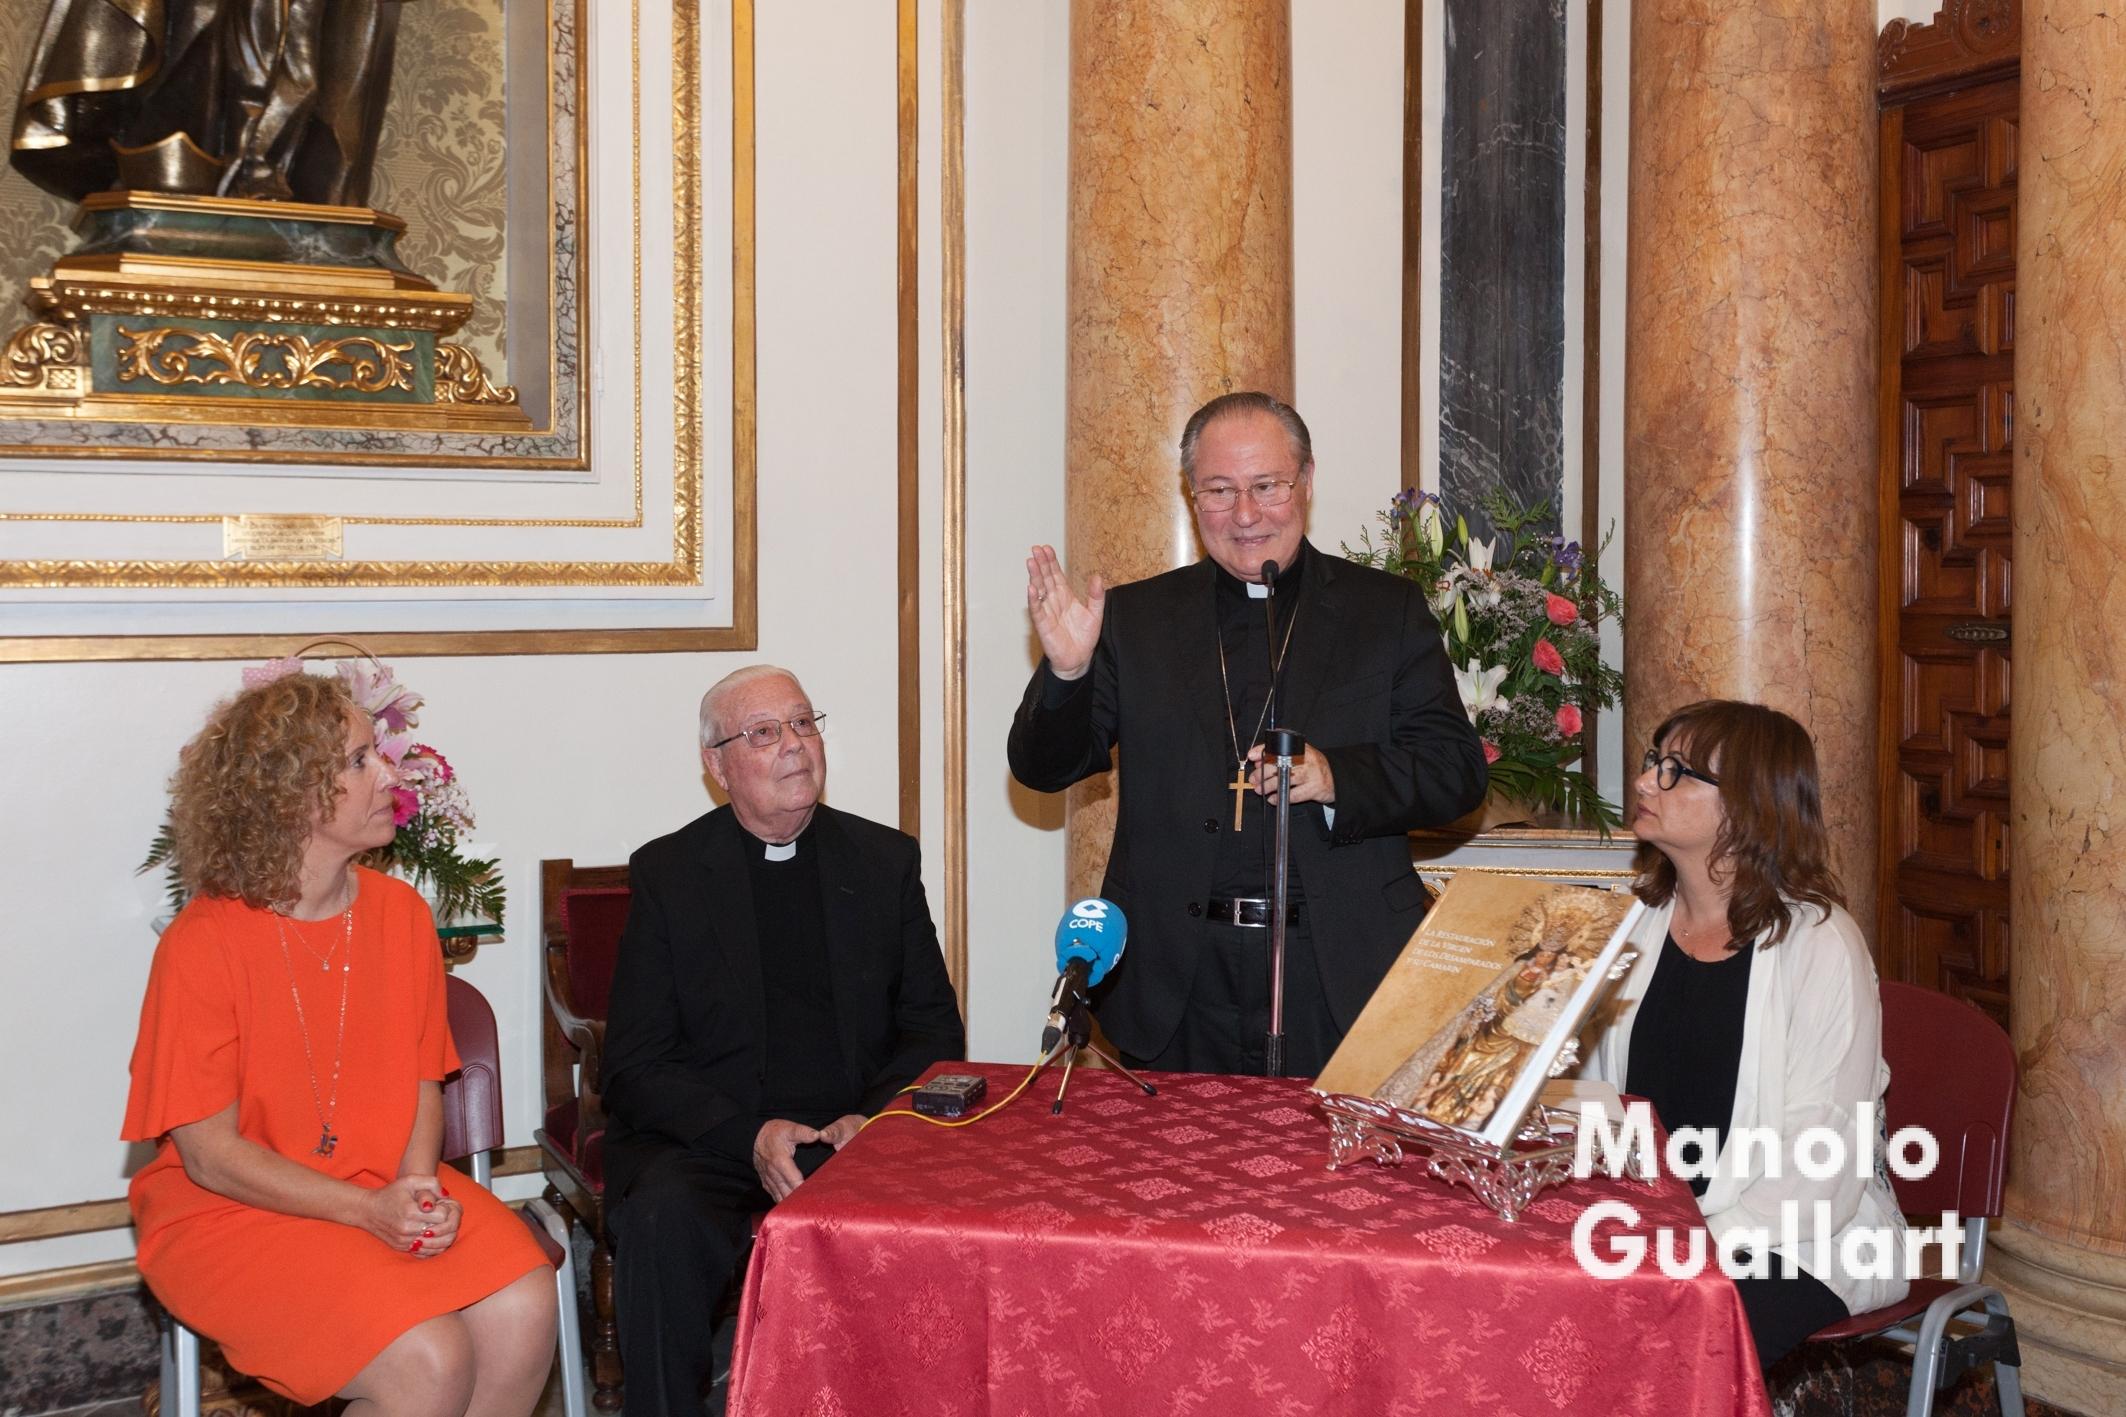 El obispo auxiliar Esteban Escudero en su intervención. Foto de Manolo Guallart.